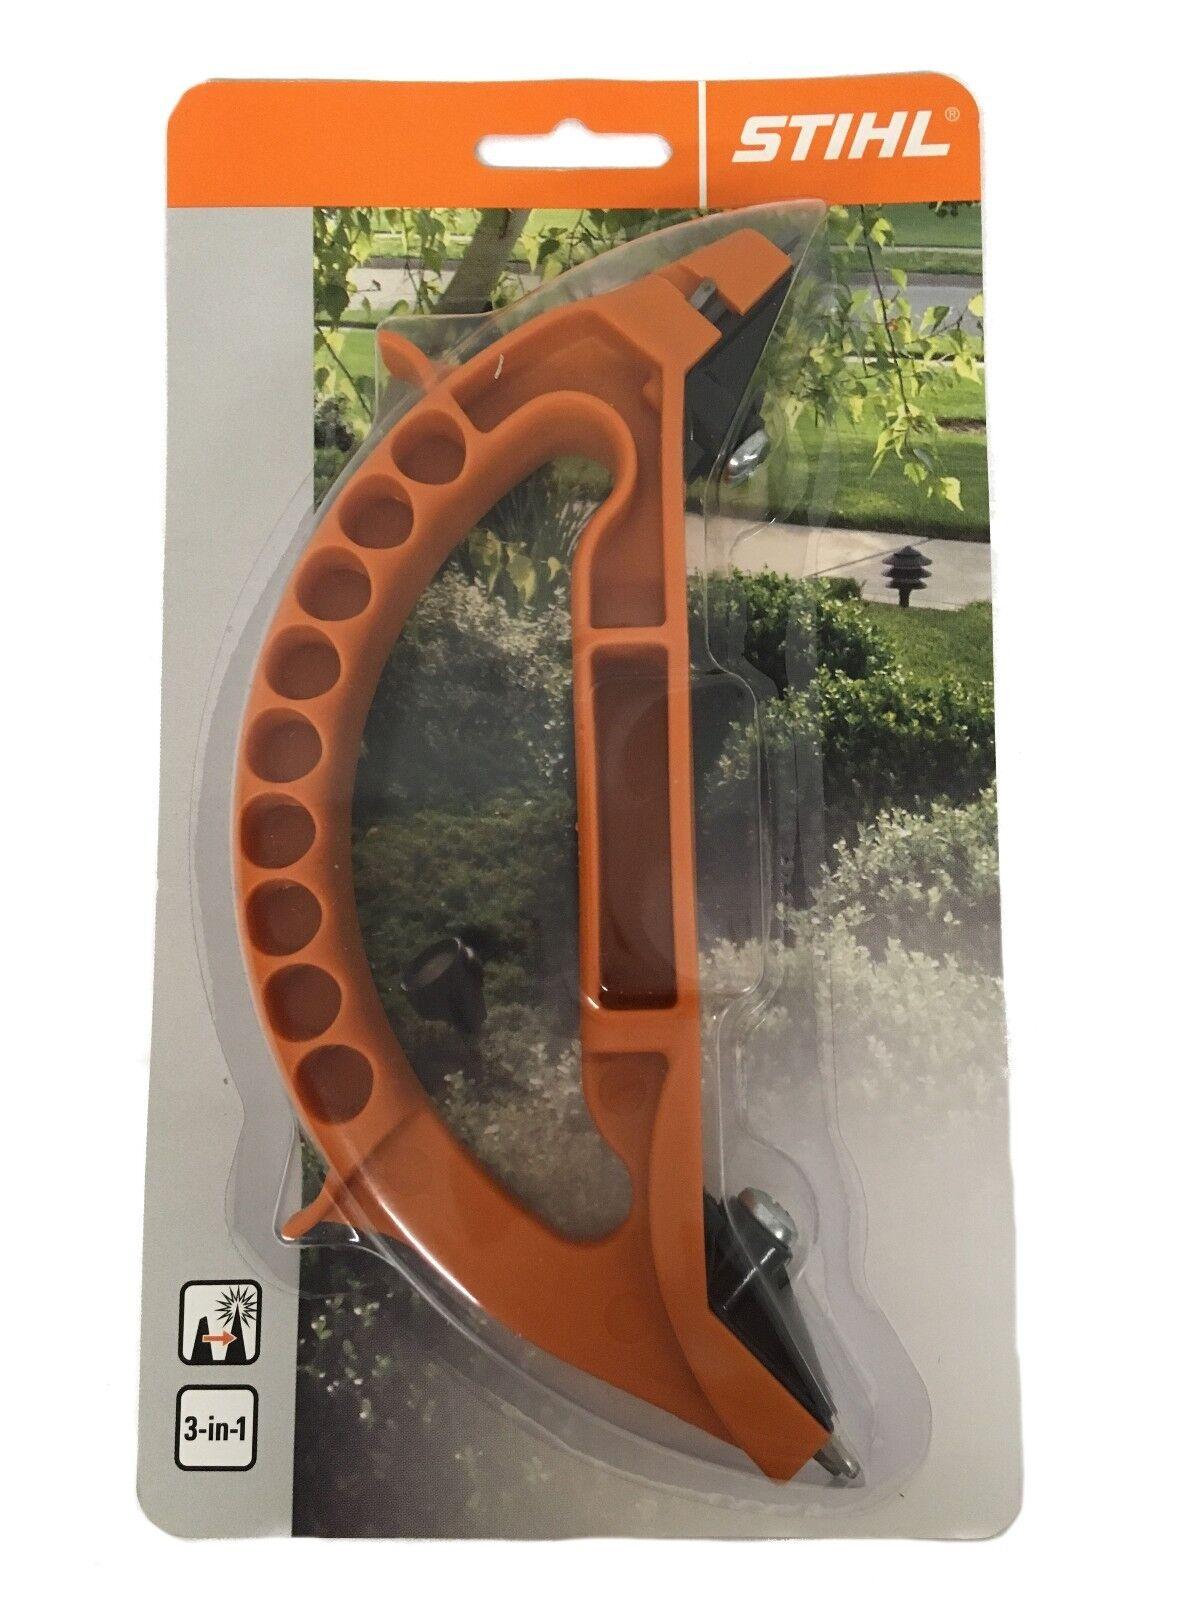 Stihl Schärfwerkzeug 3-in-1 für Ast- und Gartenscheren, Äxte, Beile, Messer